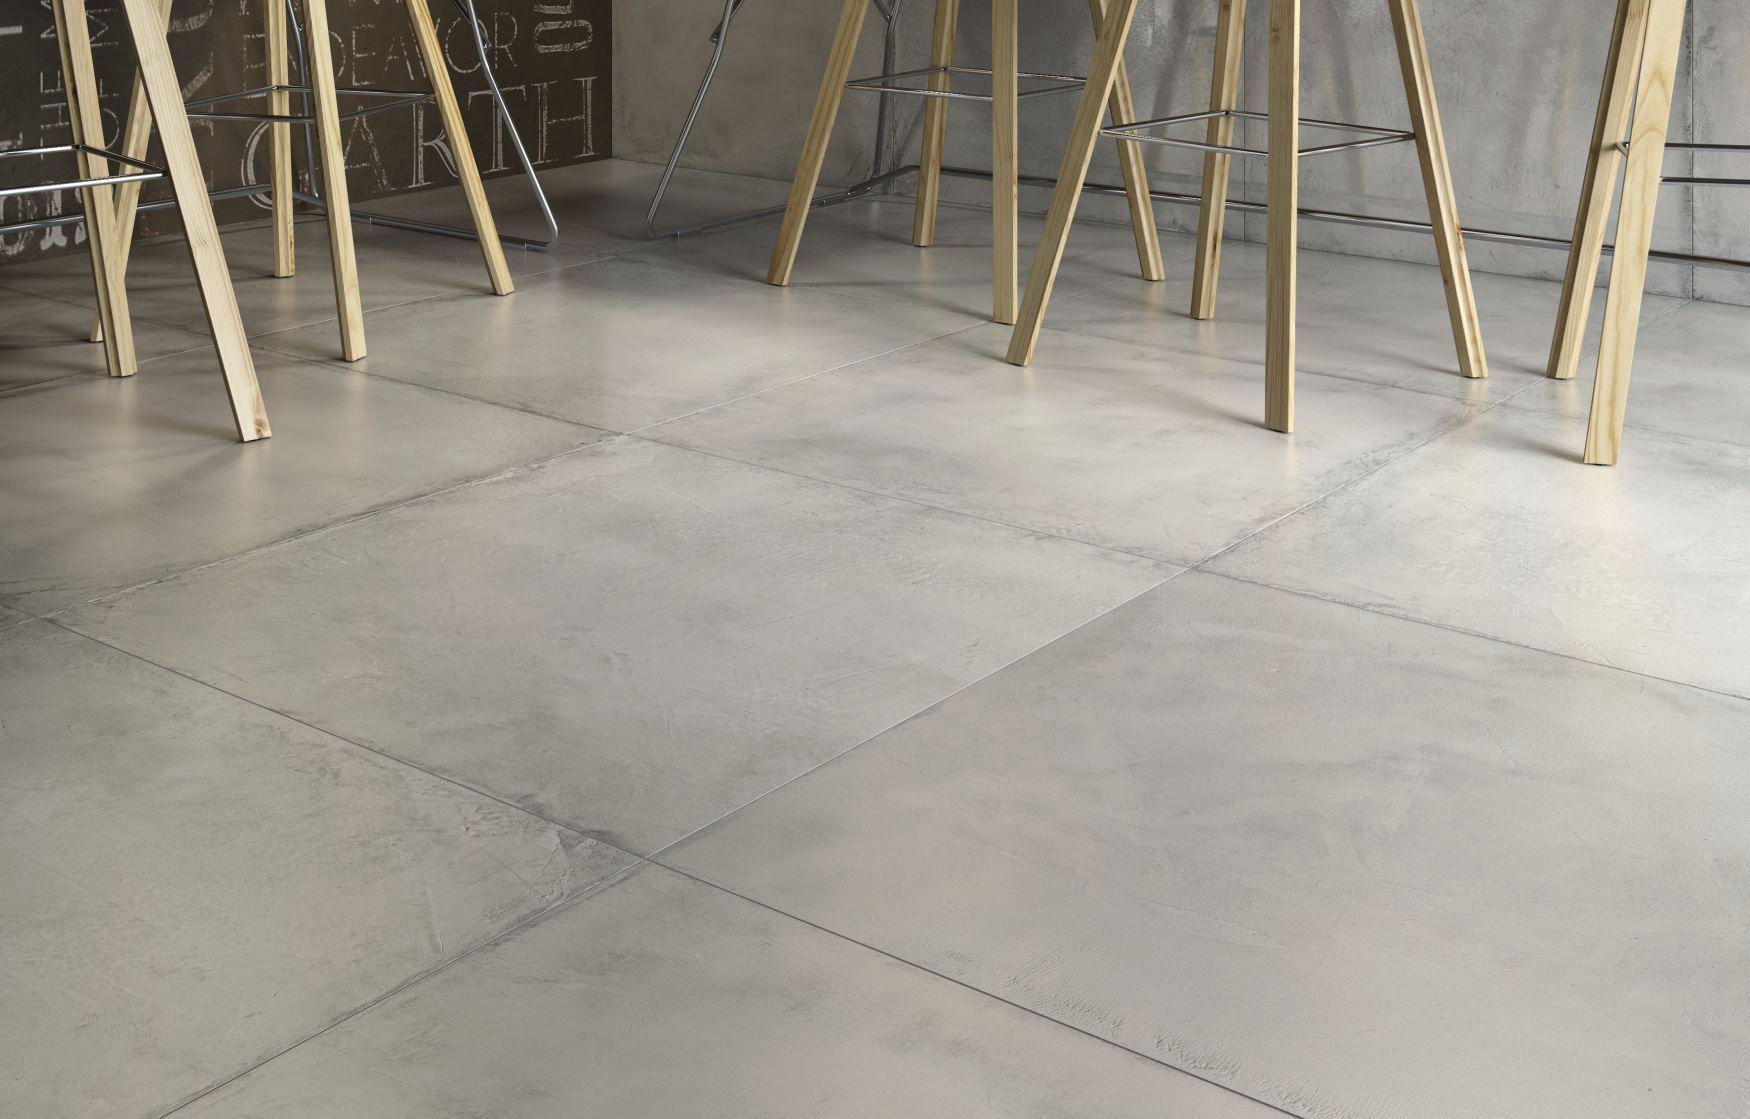 Beton Floor indoor tile floor wall porcelain stoneware res cover beton